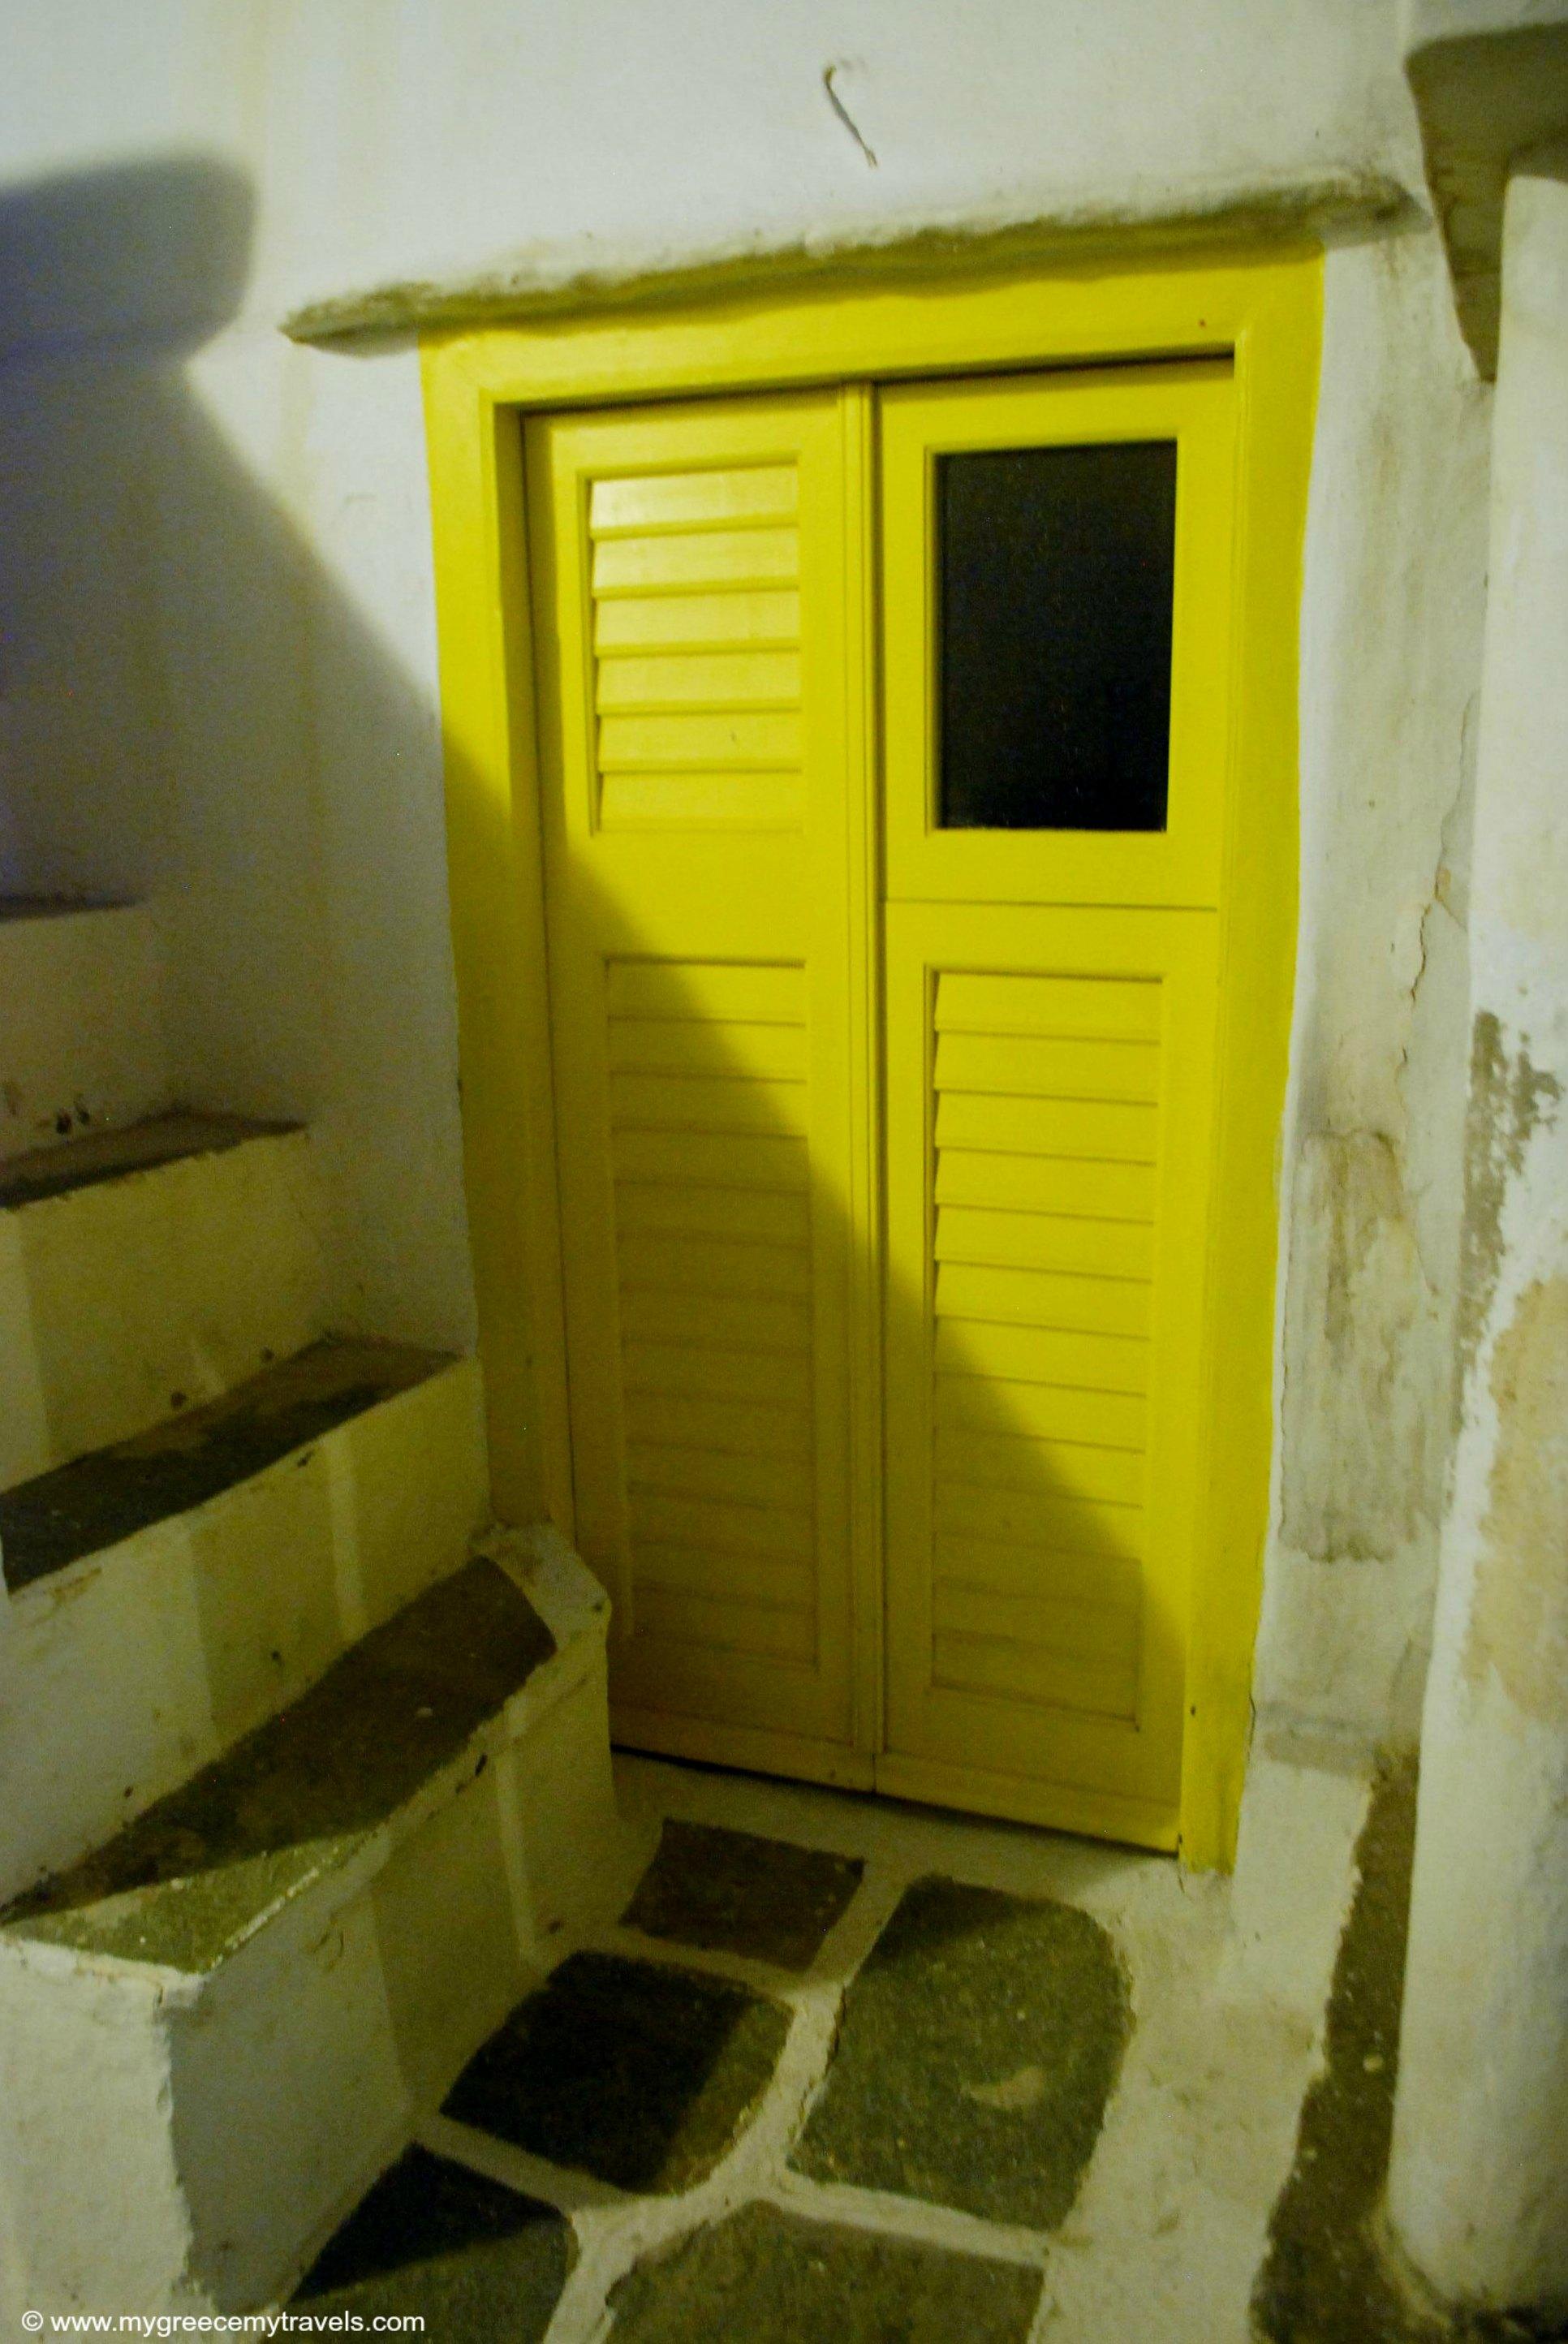 Sifnos doorways at night.